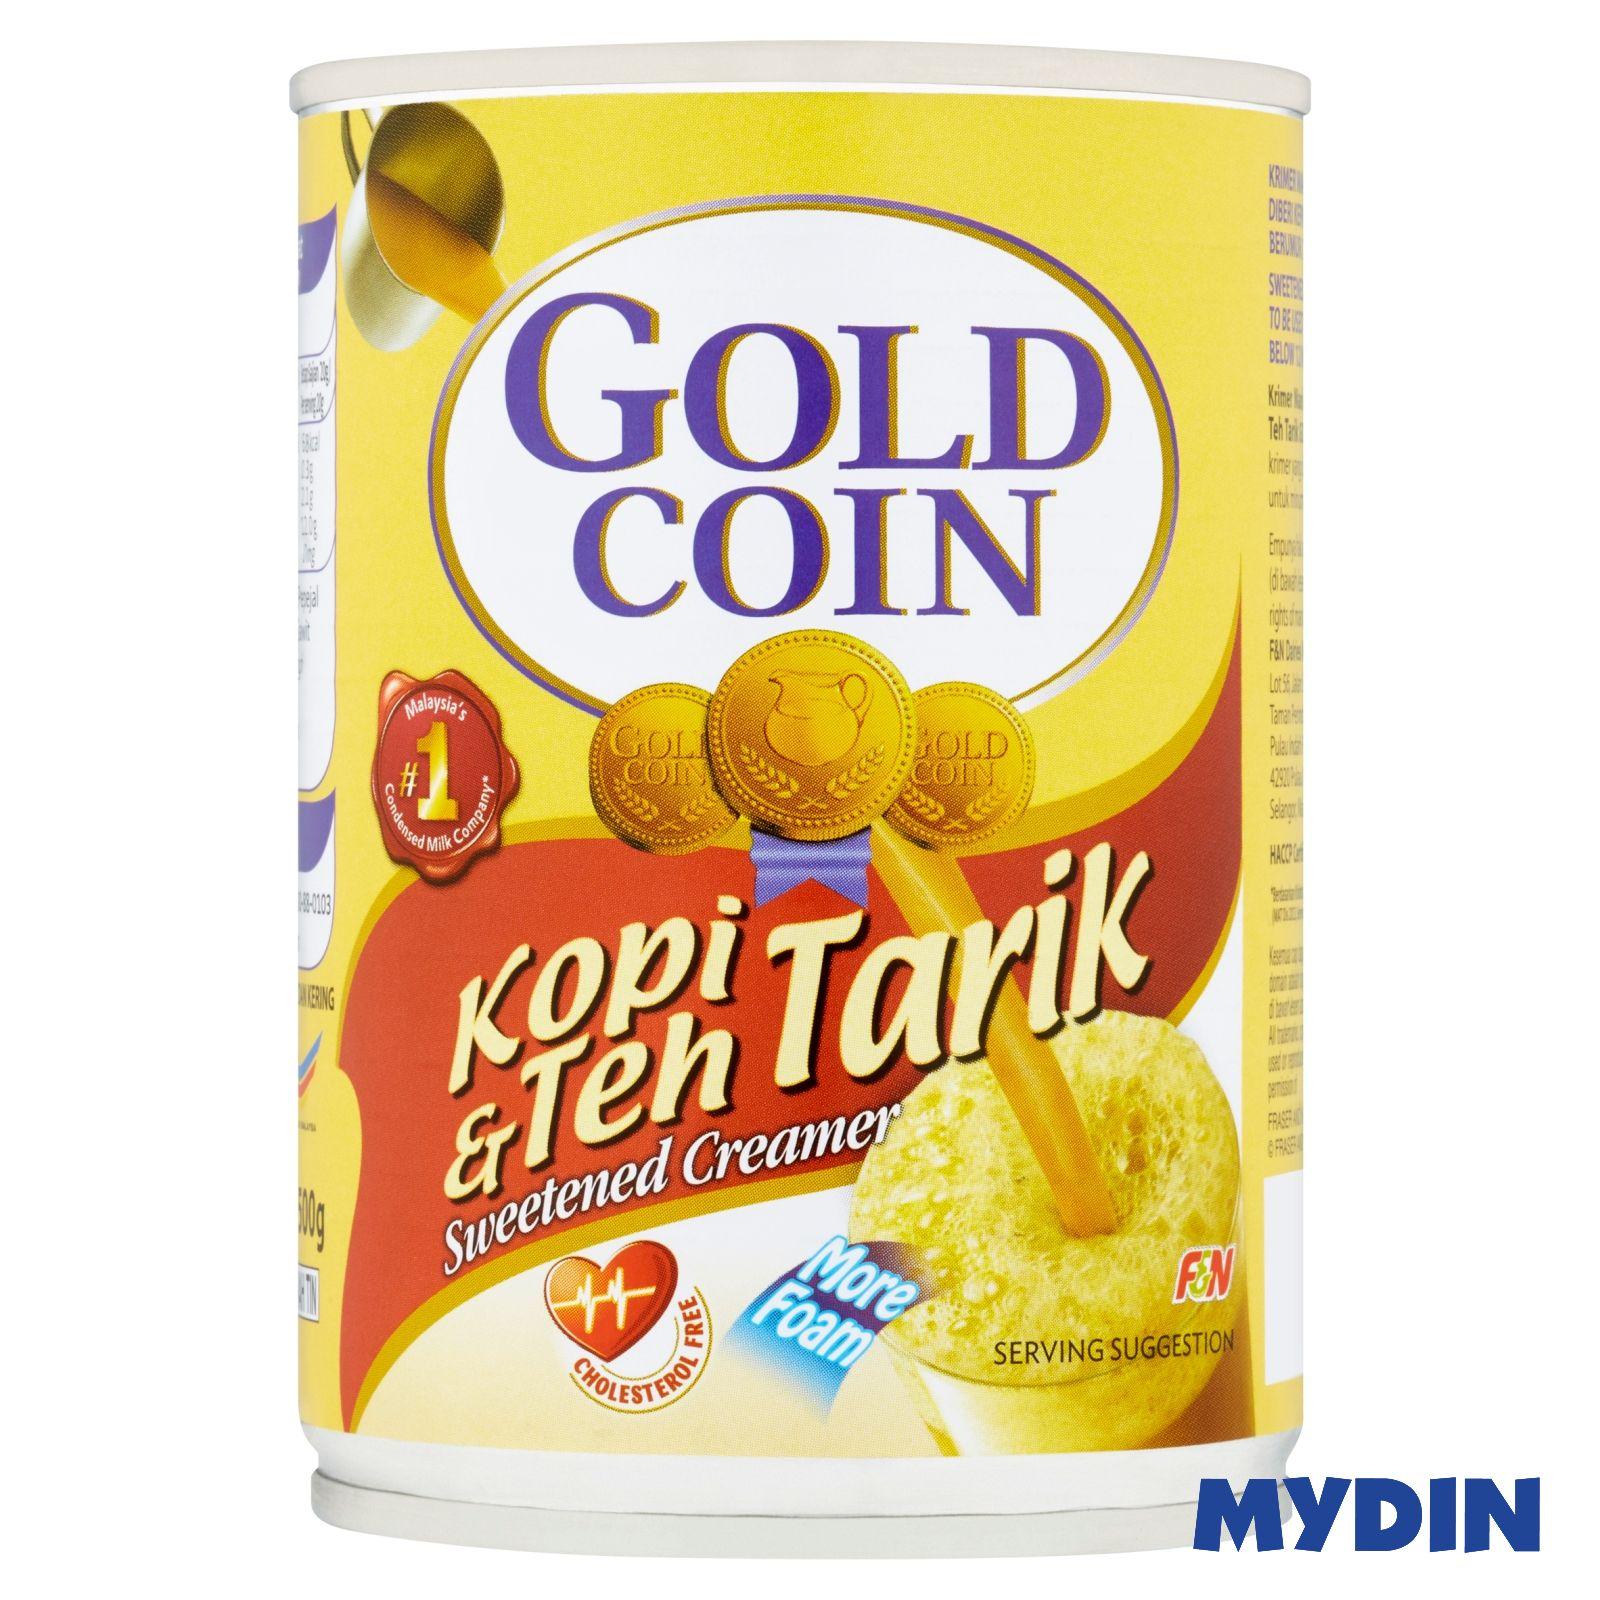 F&N Gold Coin Kopi & Teh Tarik Sweetened Creamer (500g)